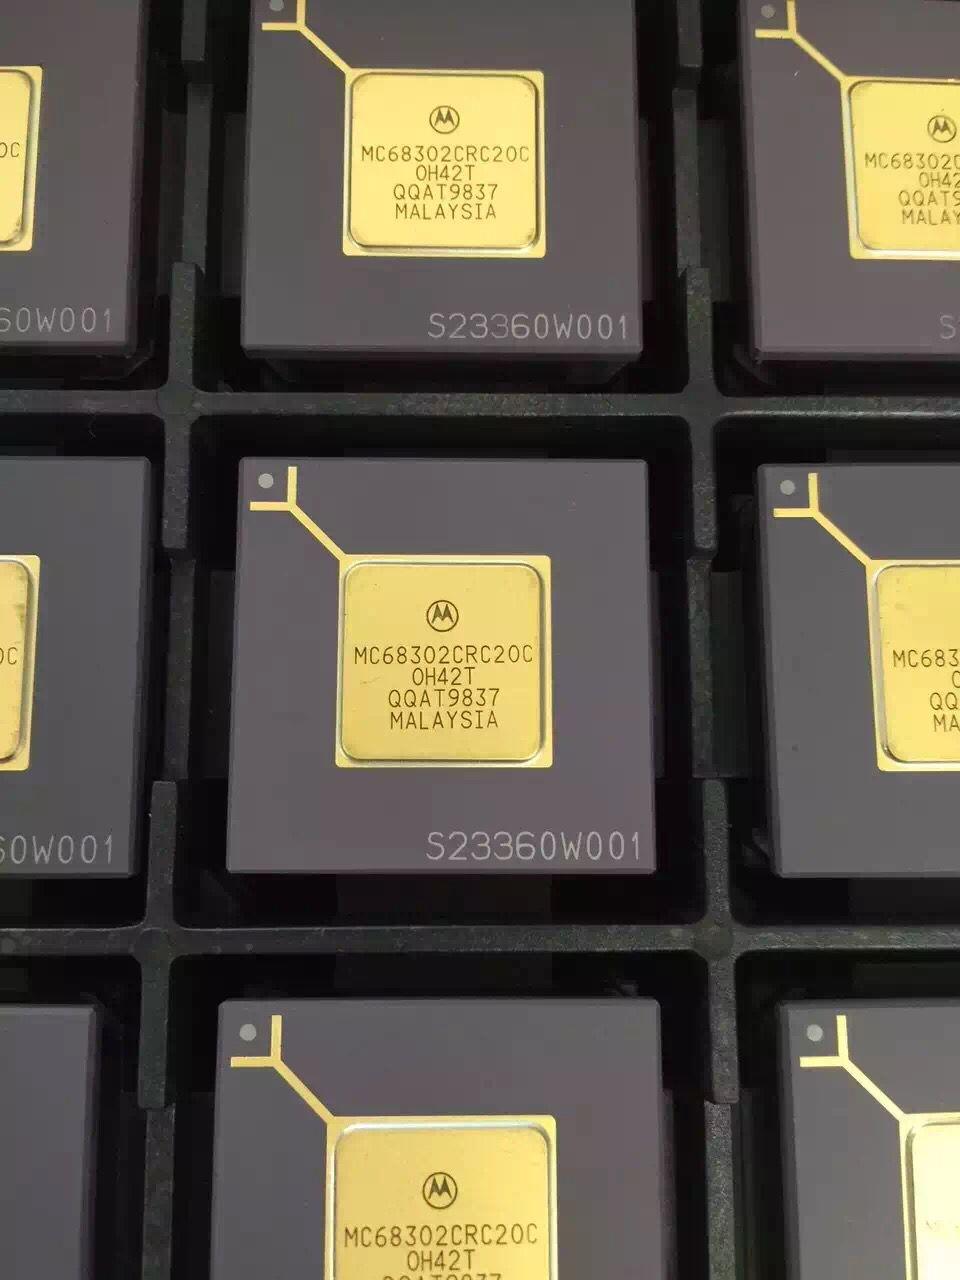 芜湖公司回收H9HCNNNBPUMLHR-NHM手机内存